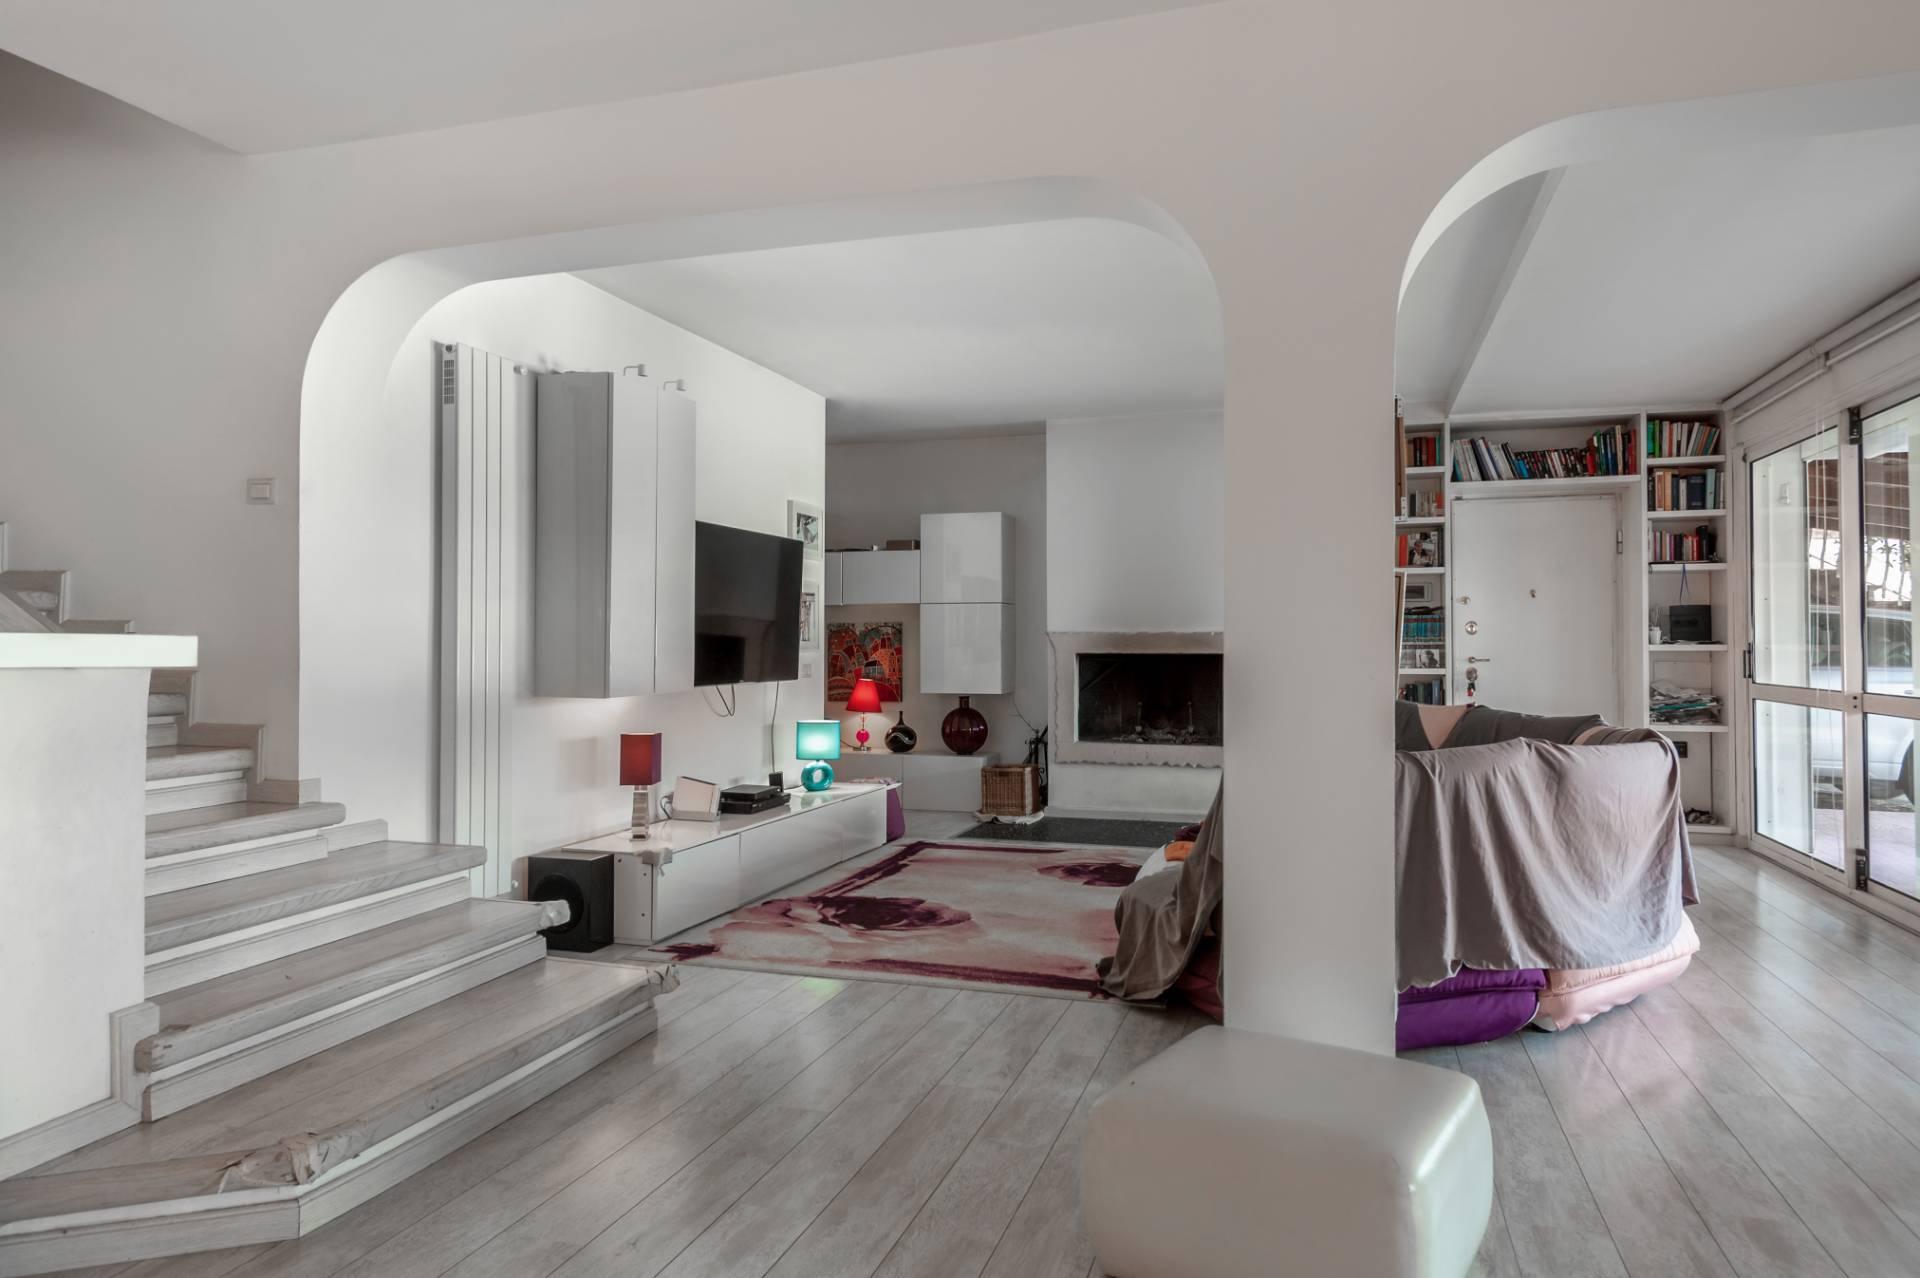 Villa in vendita a Castelnuovo di Porto, 9 locali, prezzo € 440.000 | CambioCasa.it